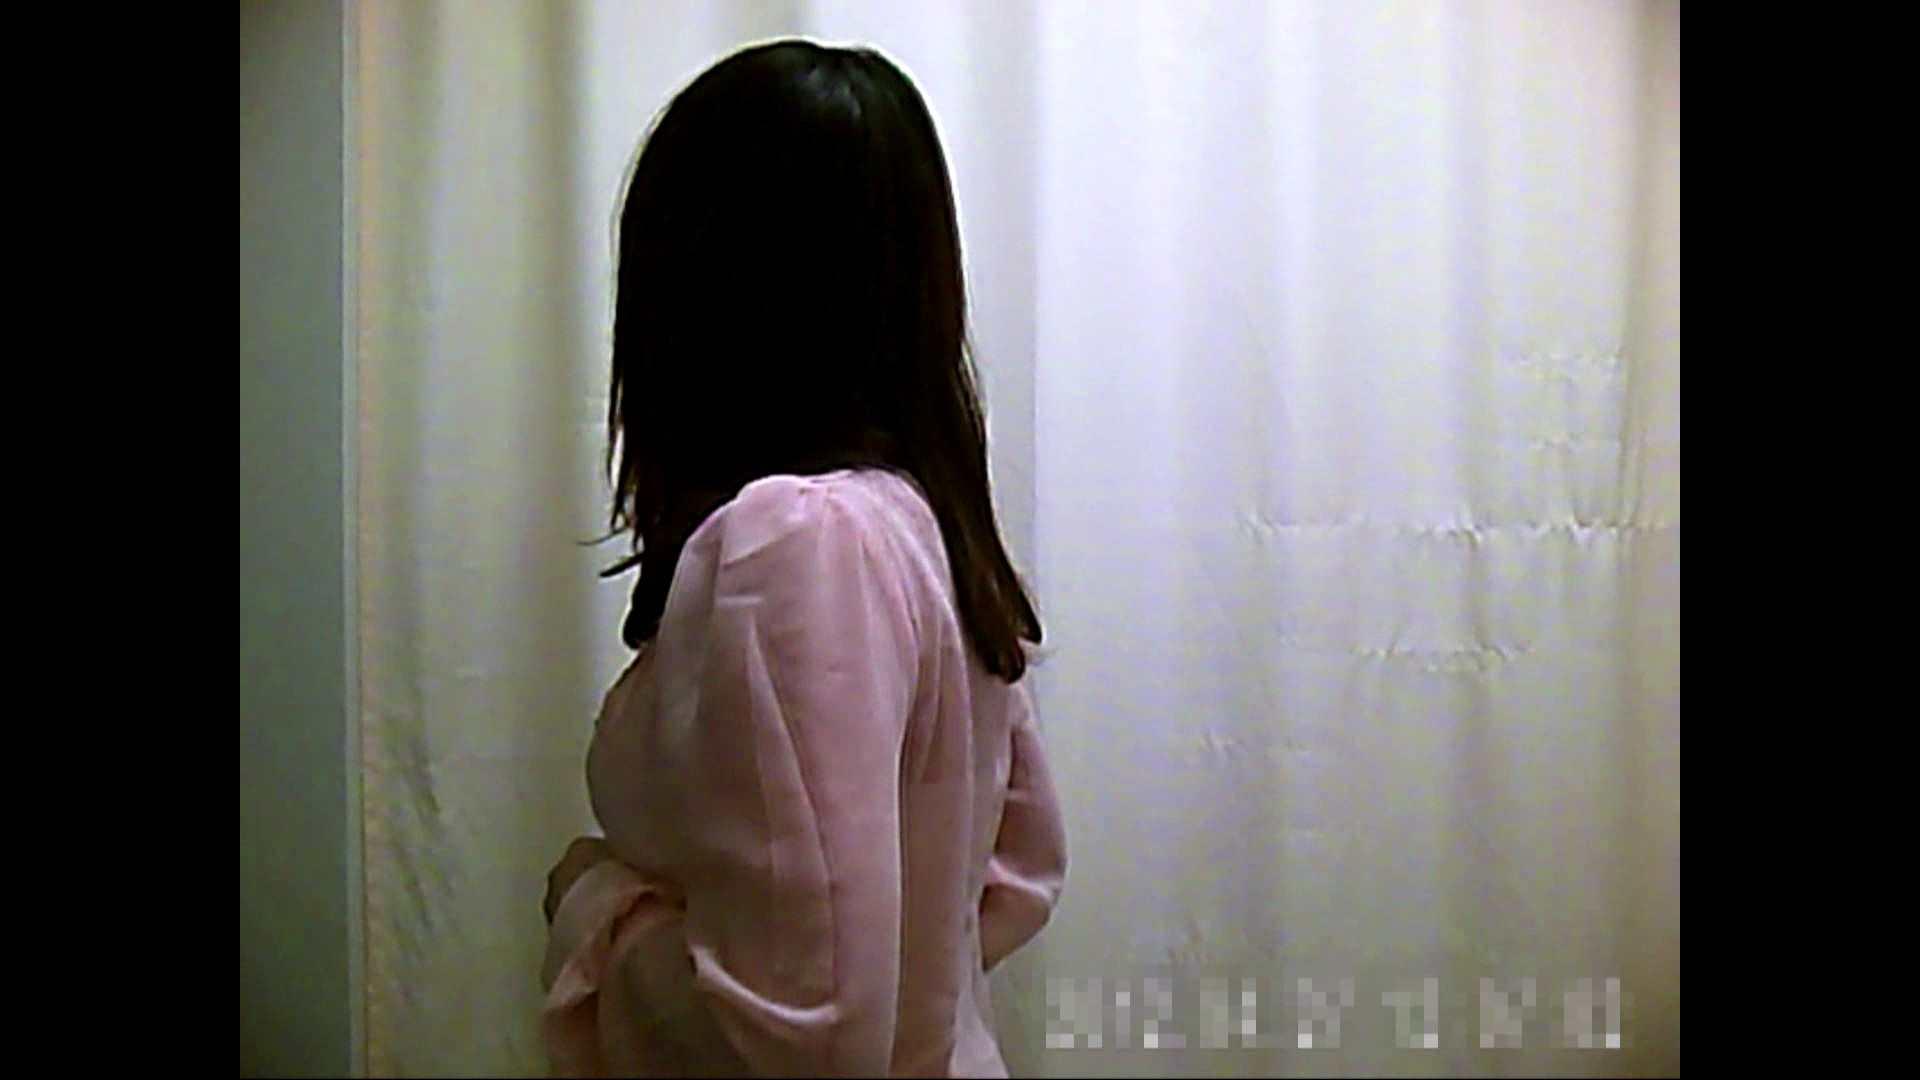 病院おもいっきり着替え! vol.291 OLヌード天国 オマンコ無修正動画無料 61PIX 58